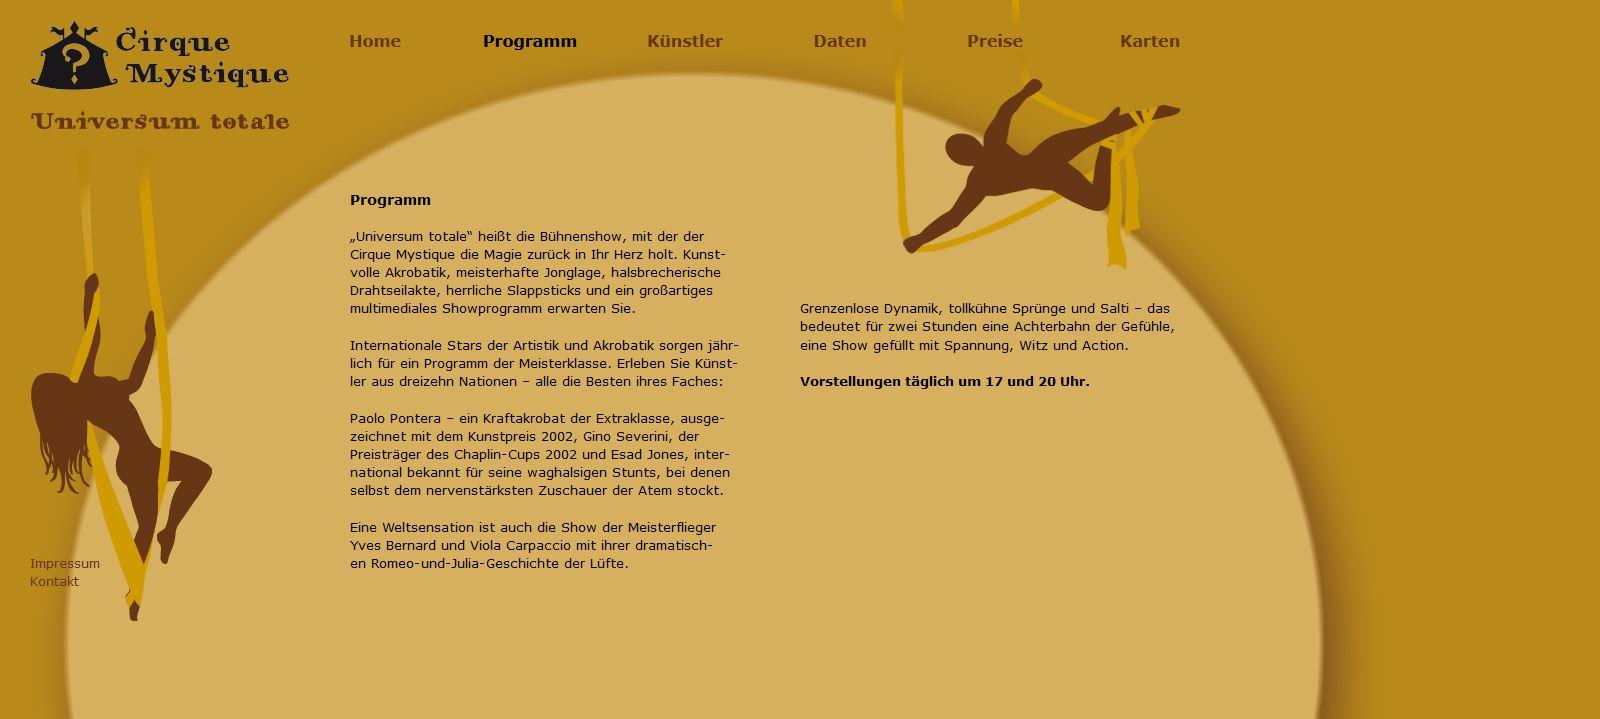 Cirque Mystique - Programm